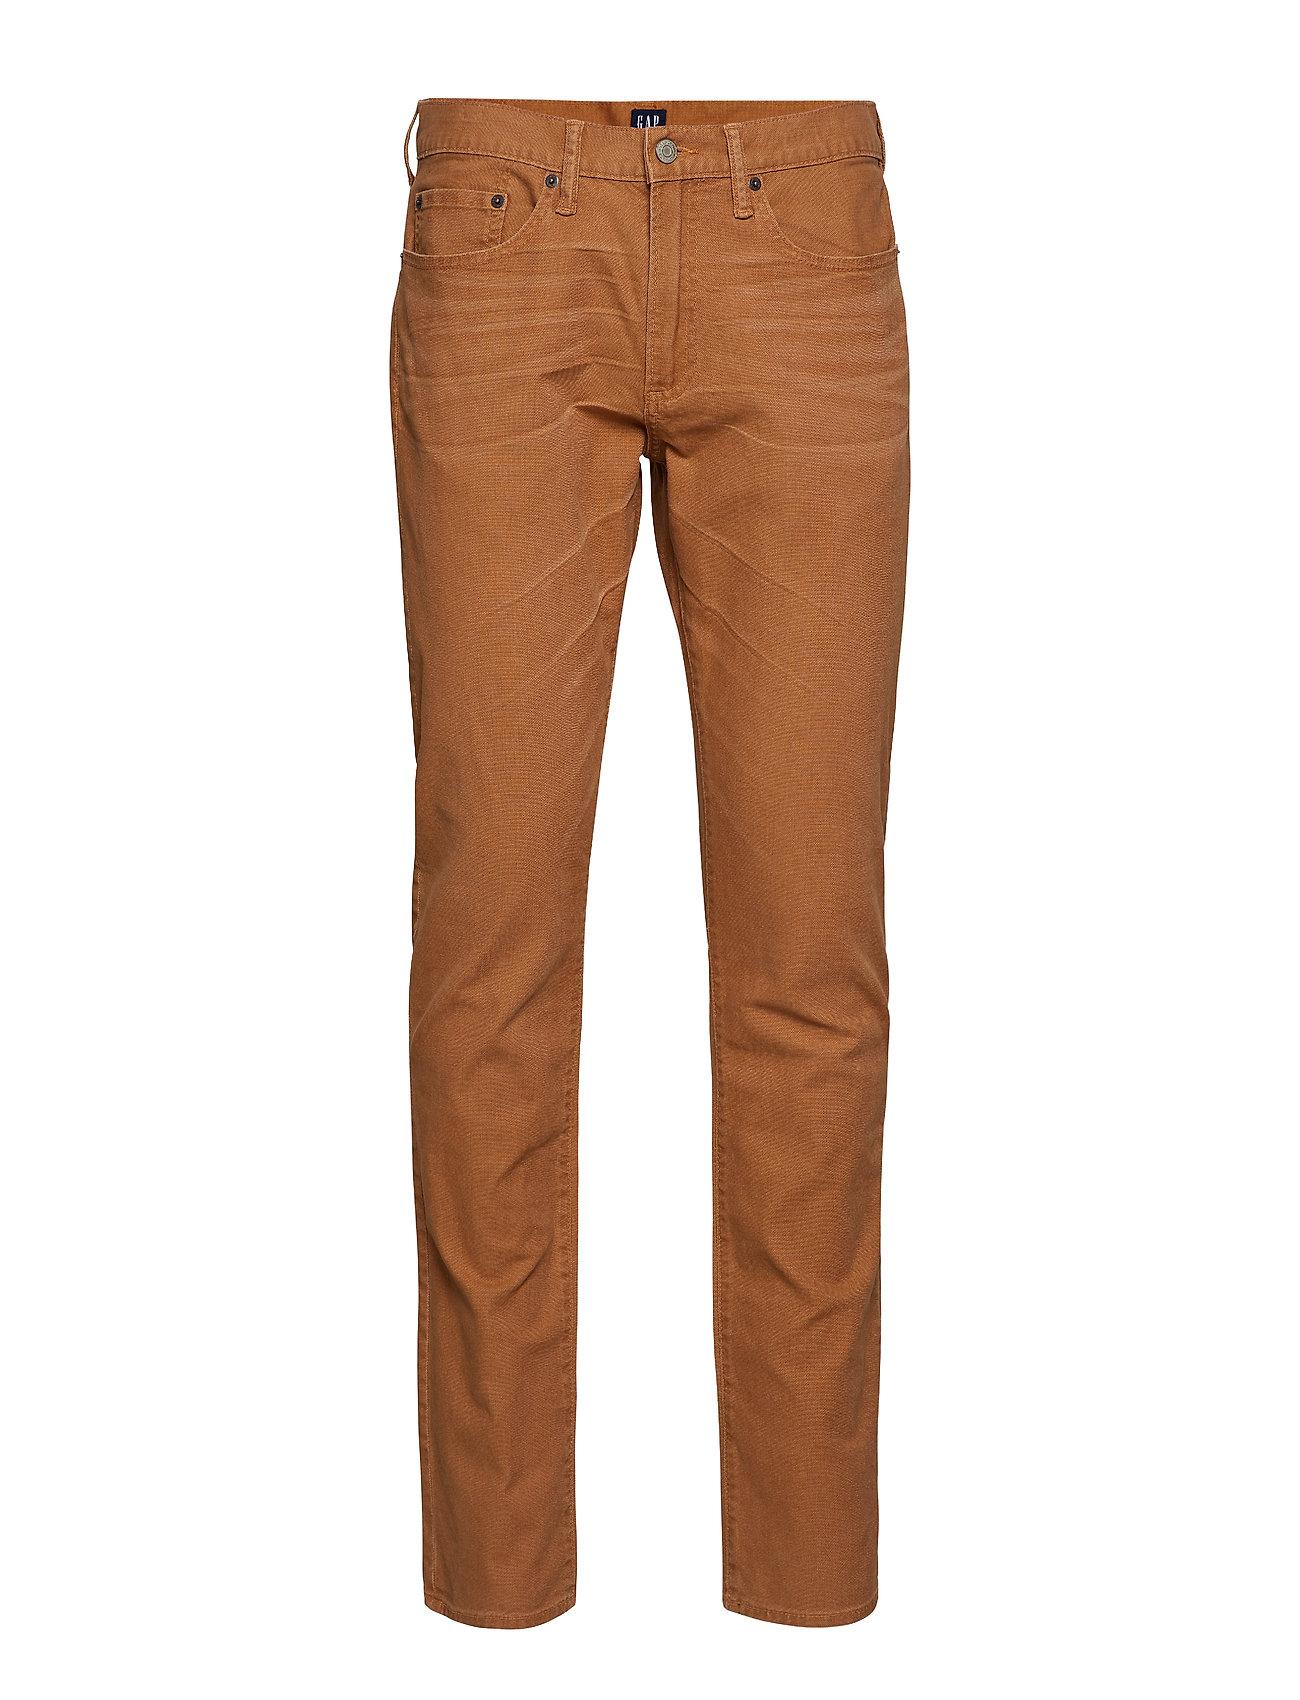 GAP Wearlight Slim Jeans with GapFlex - WORKER BROWN 802